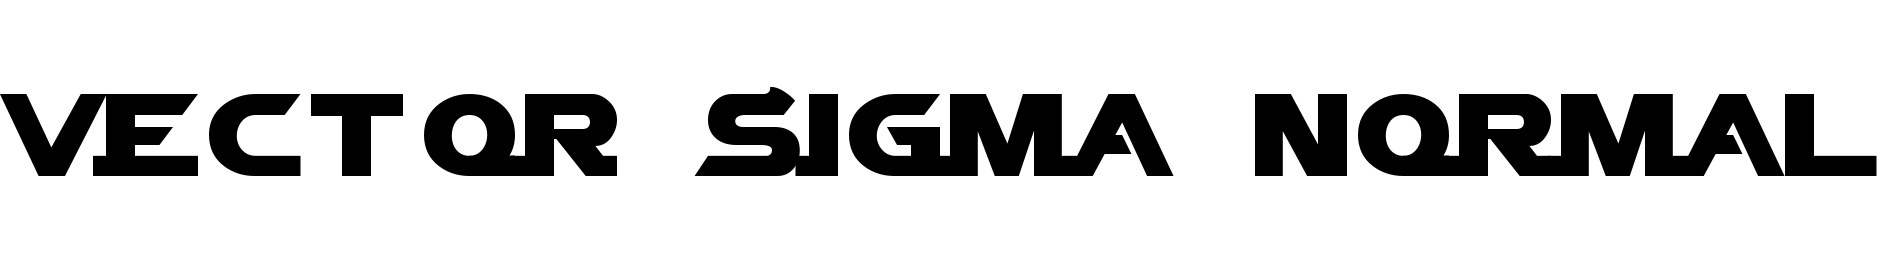 Vector Sigma Normal